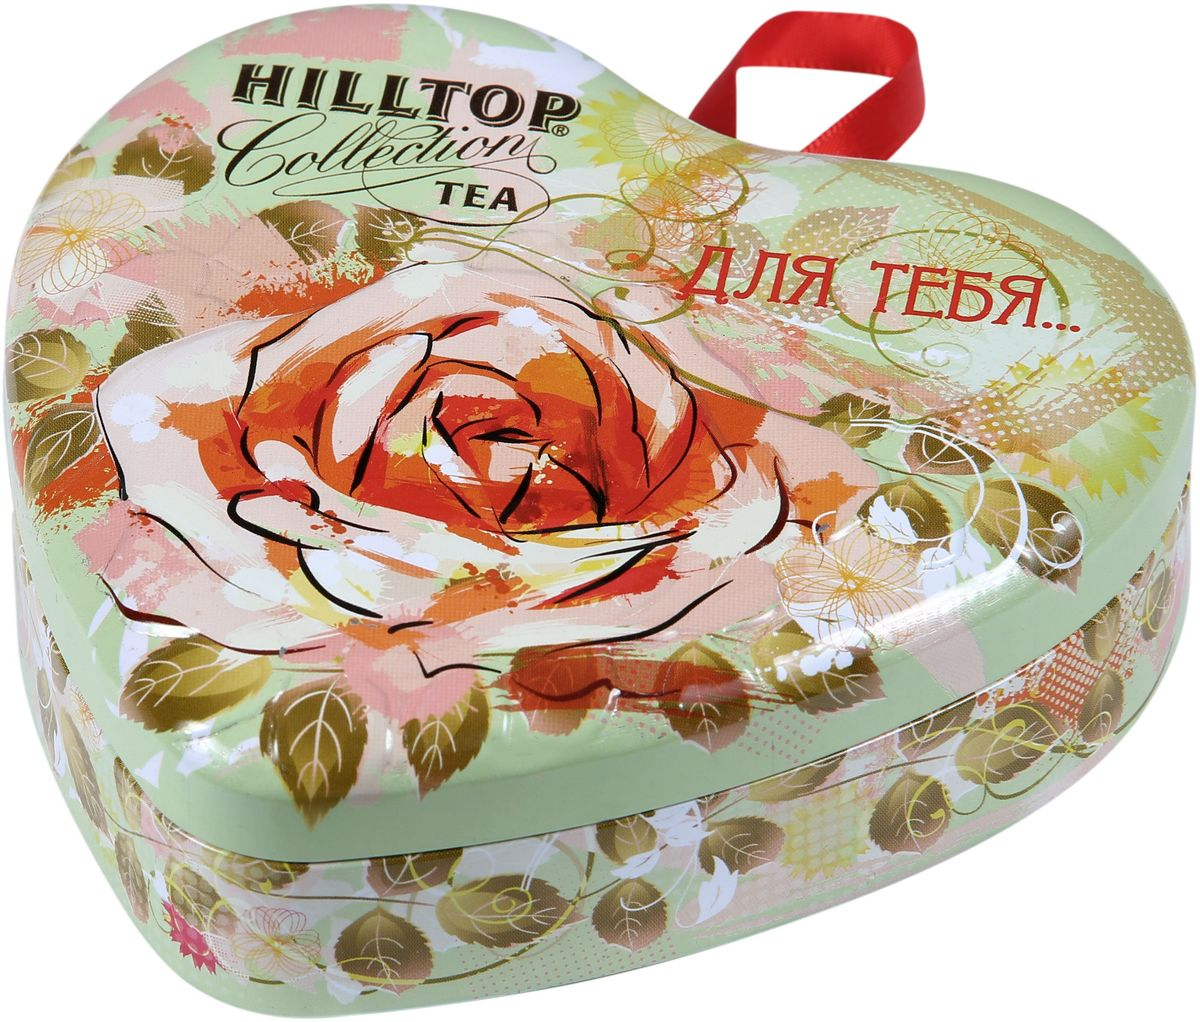 Hilltop Желаю счастья зеленый листовой чай, 50 г4607099305342Hilltop Желаю счастья — зеленый байховый чай с добавками растительного сырья Жасминовый. Отлично дополняет завтрак или праздничный сладкий стол.Всё о чае: сорта, факты, советы по выбору и употреблению. Статья OZON Гид